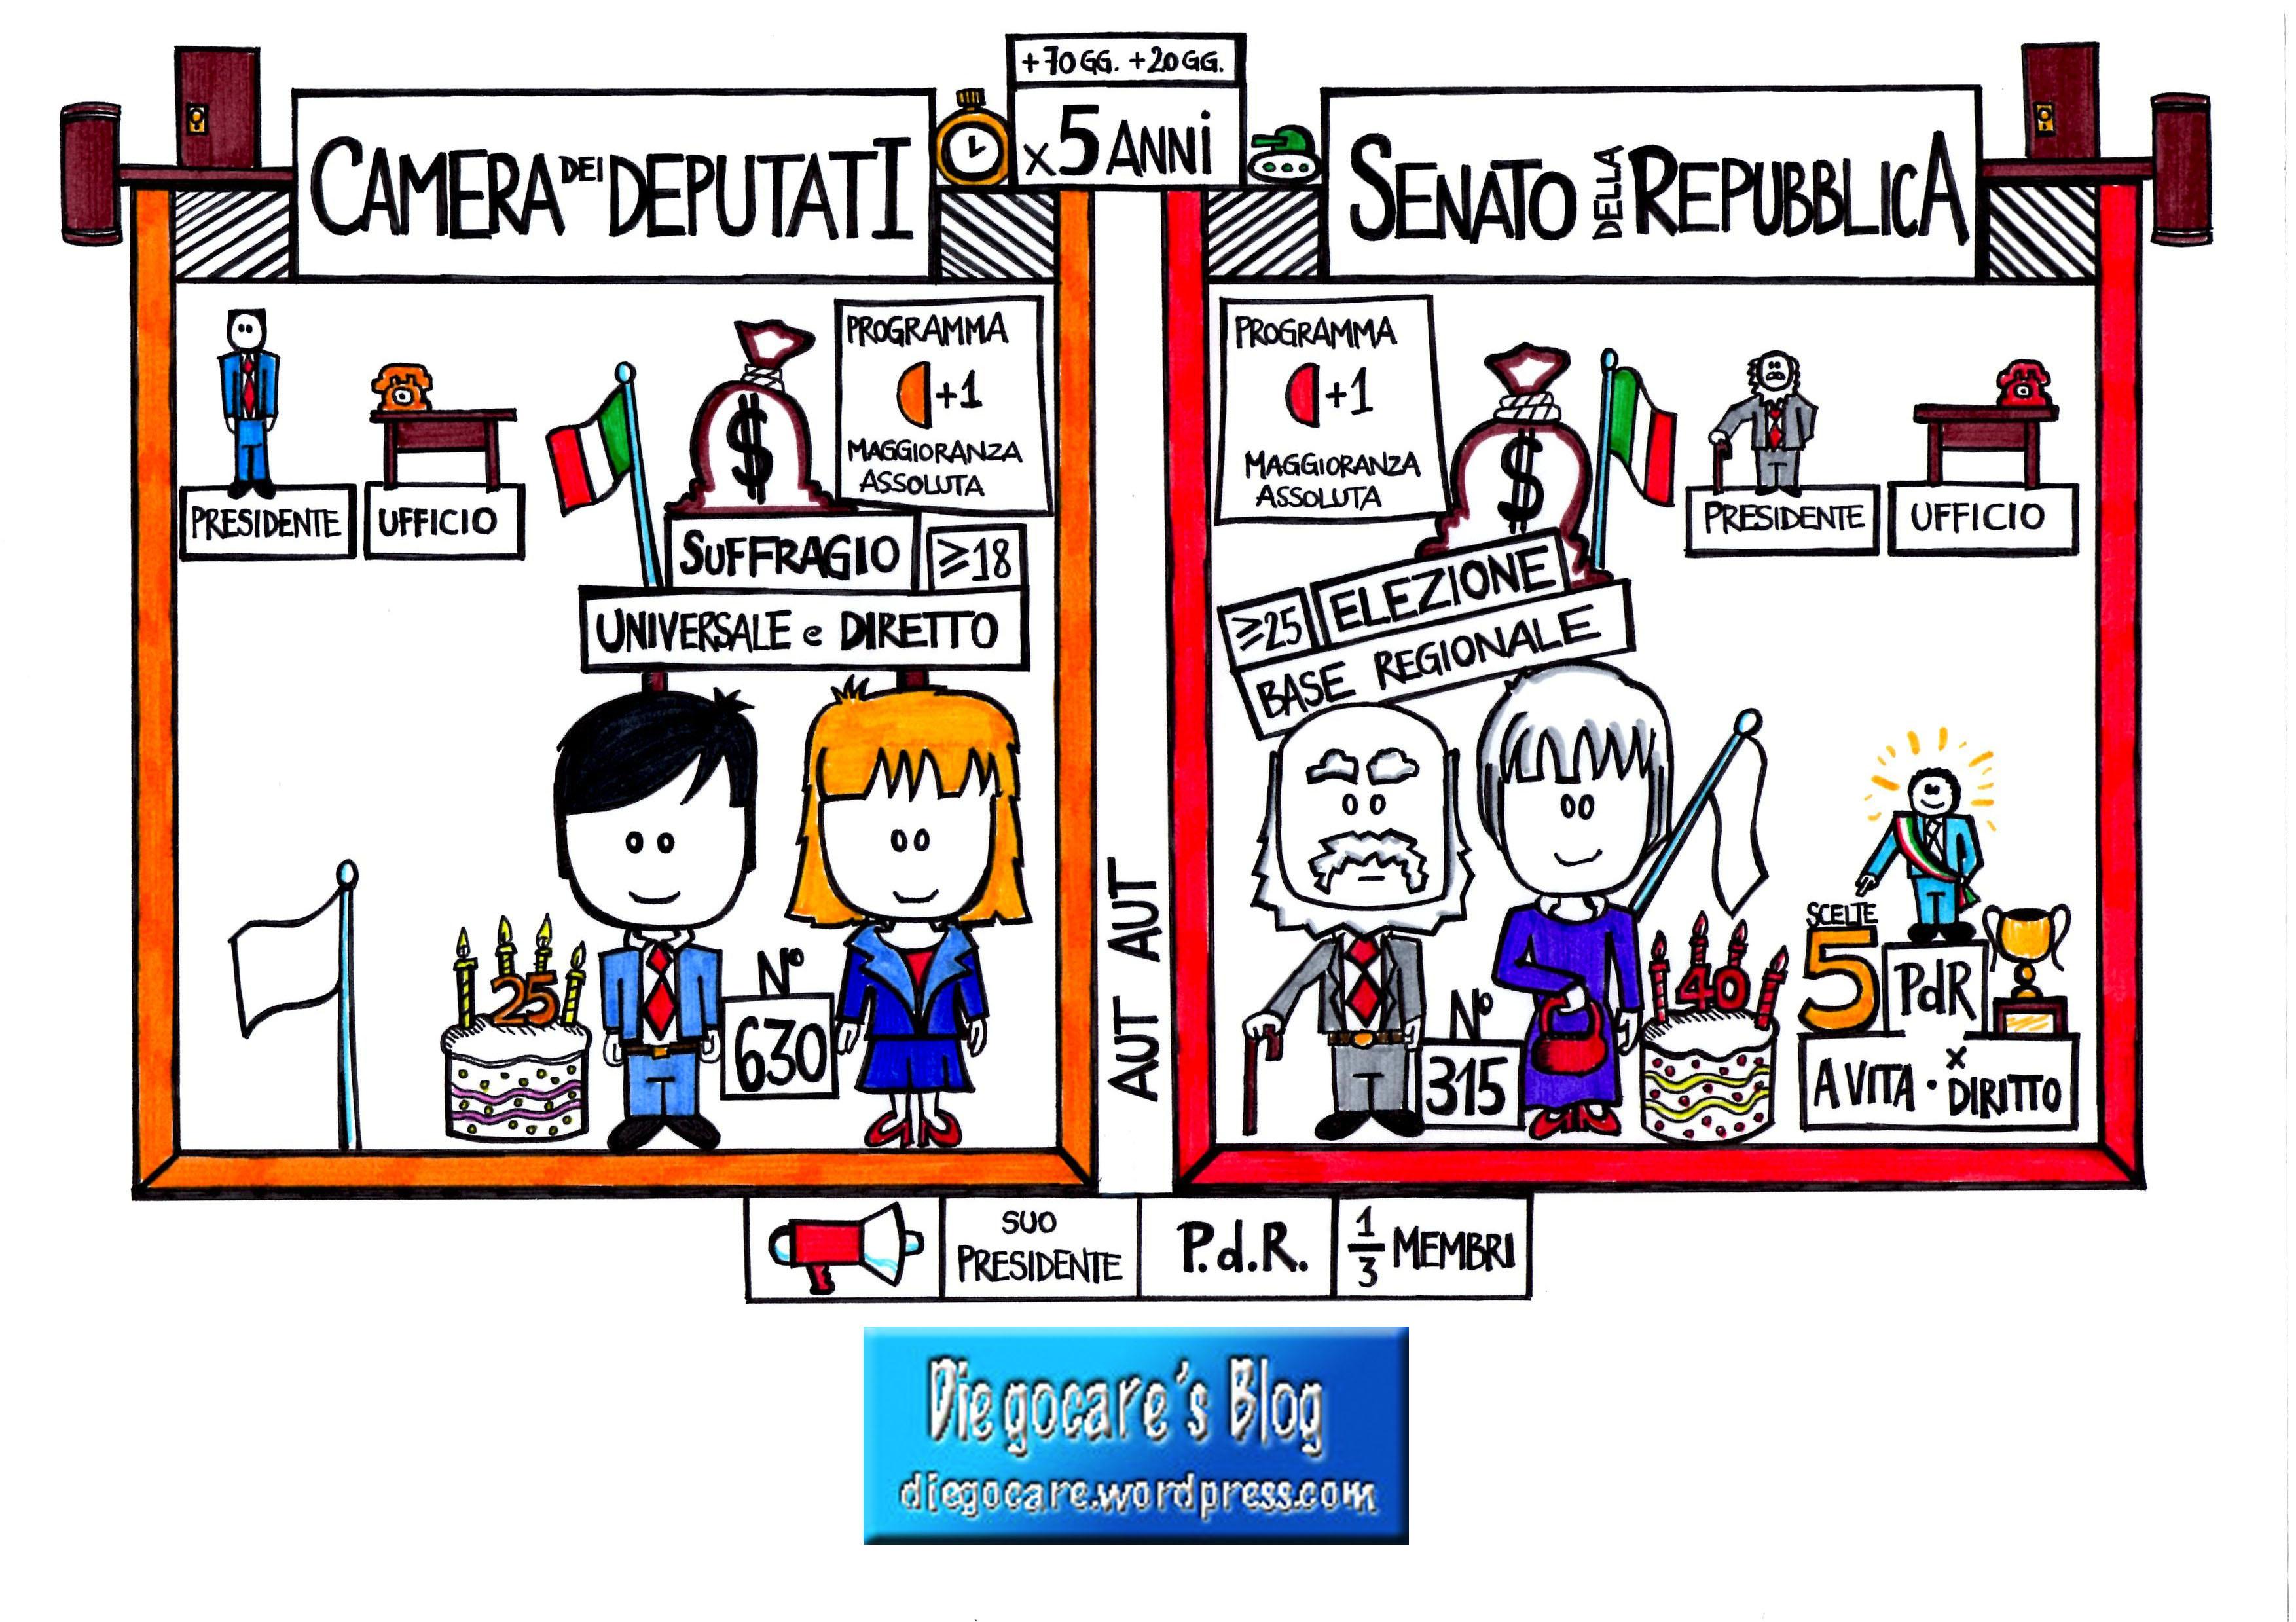 il parlamento uno schema delle due camere diegocare 39 s blog